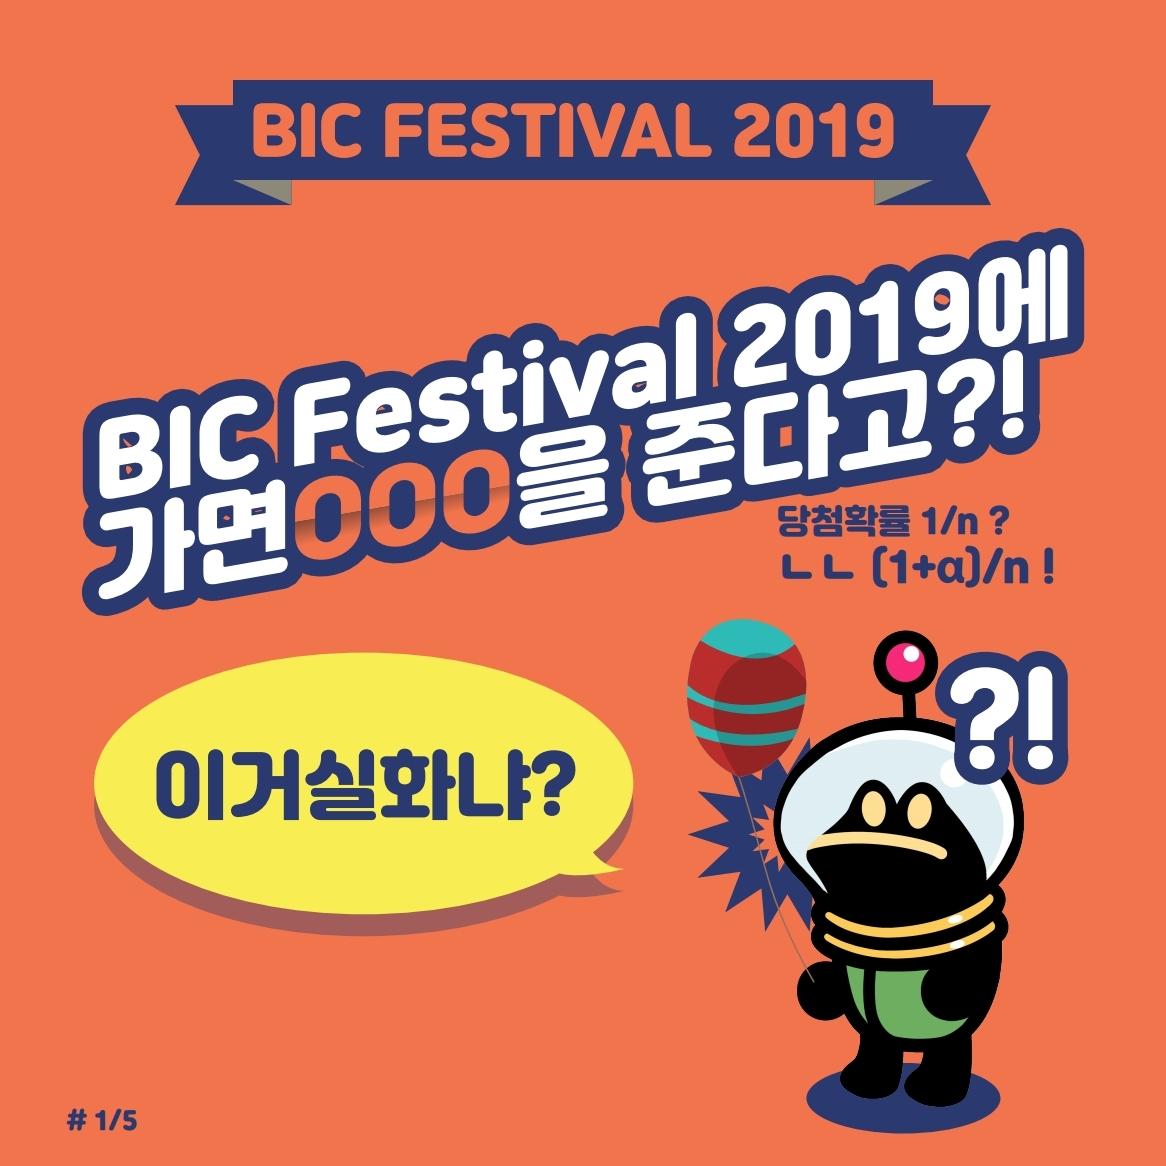 BIC_cardnews_02_Gift_01.jpg